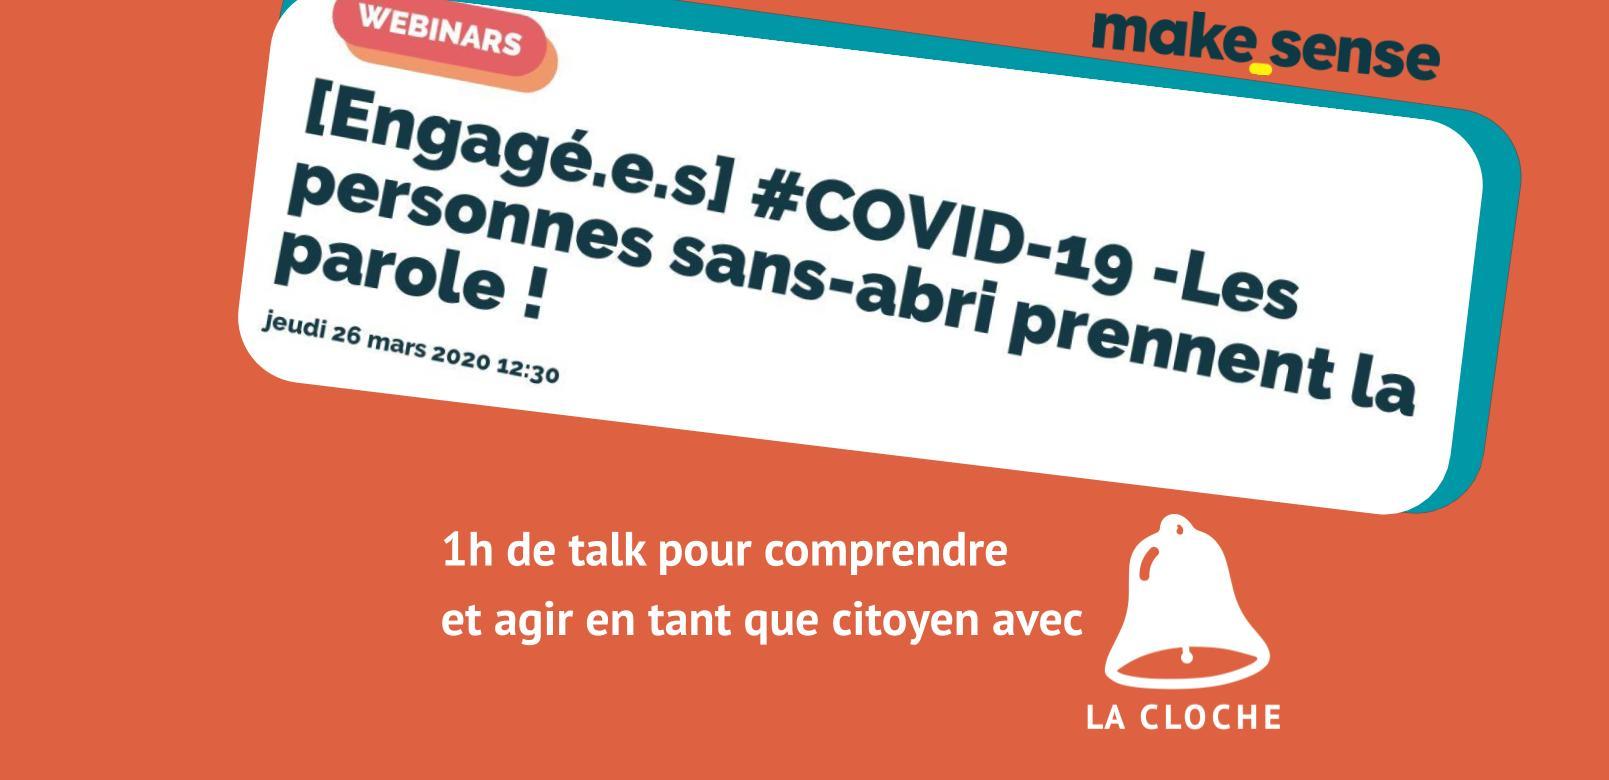 [Engagé.e.s] #COVID-19 -Les personnes sans-abri prennent la parole !